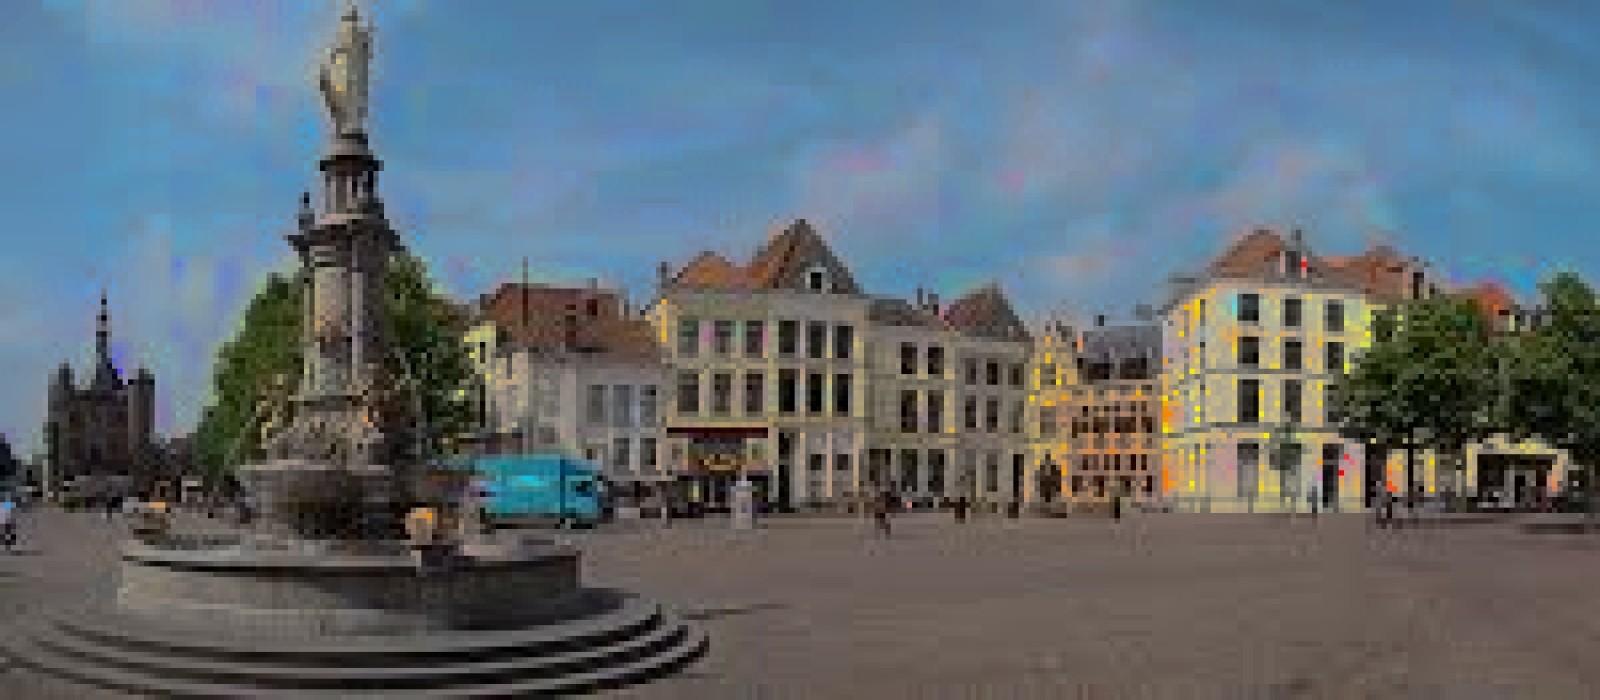 Bezoekers binnenstad kunnen straks hun PMD gescheiden aanbieden